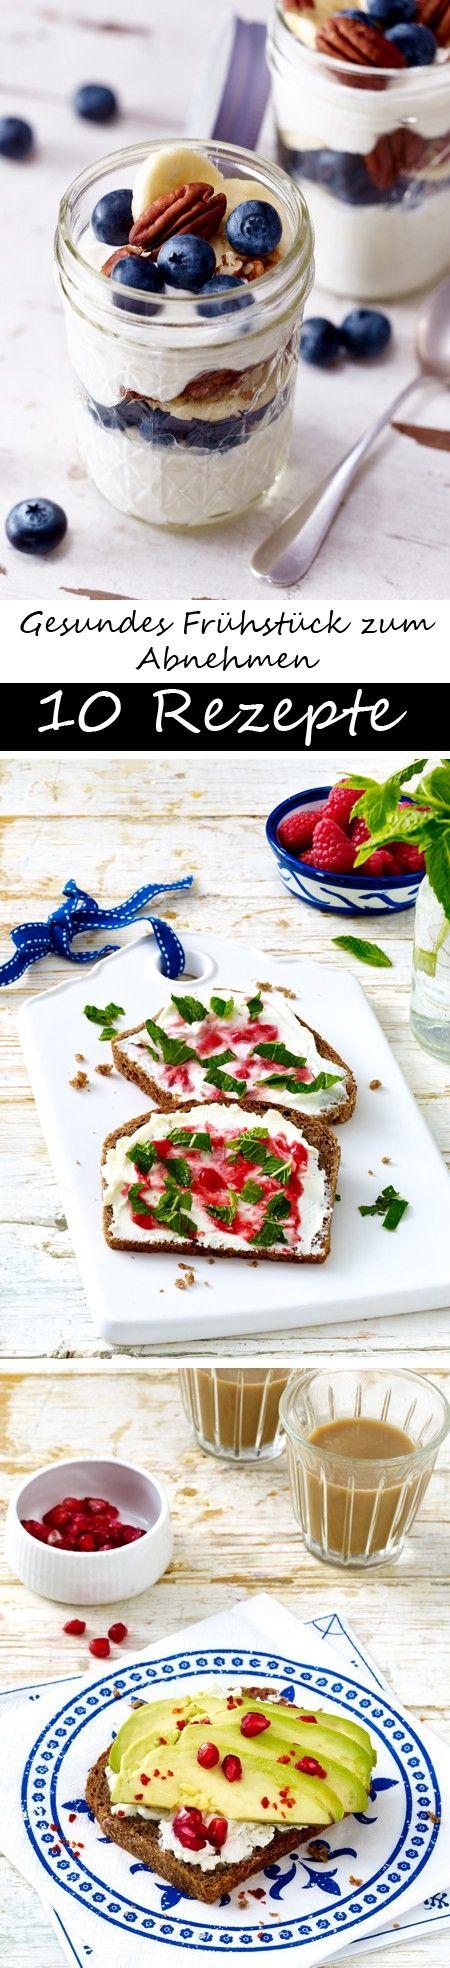 Richtig frühstücken - schneller abnehmen? Funktioniert! Mit DIESEN 10 gesunden Frühstücksrezepten zum Abnehmen >>>